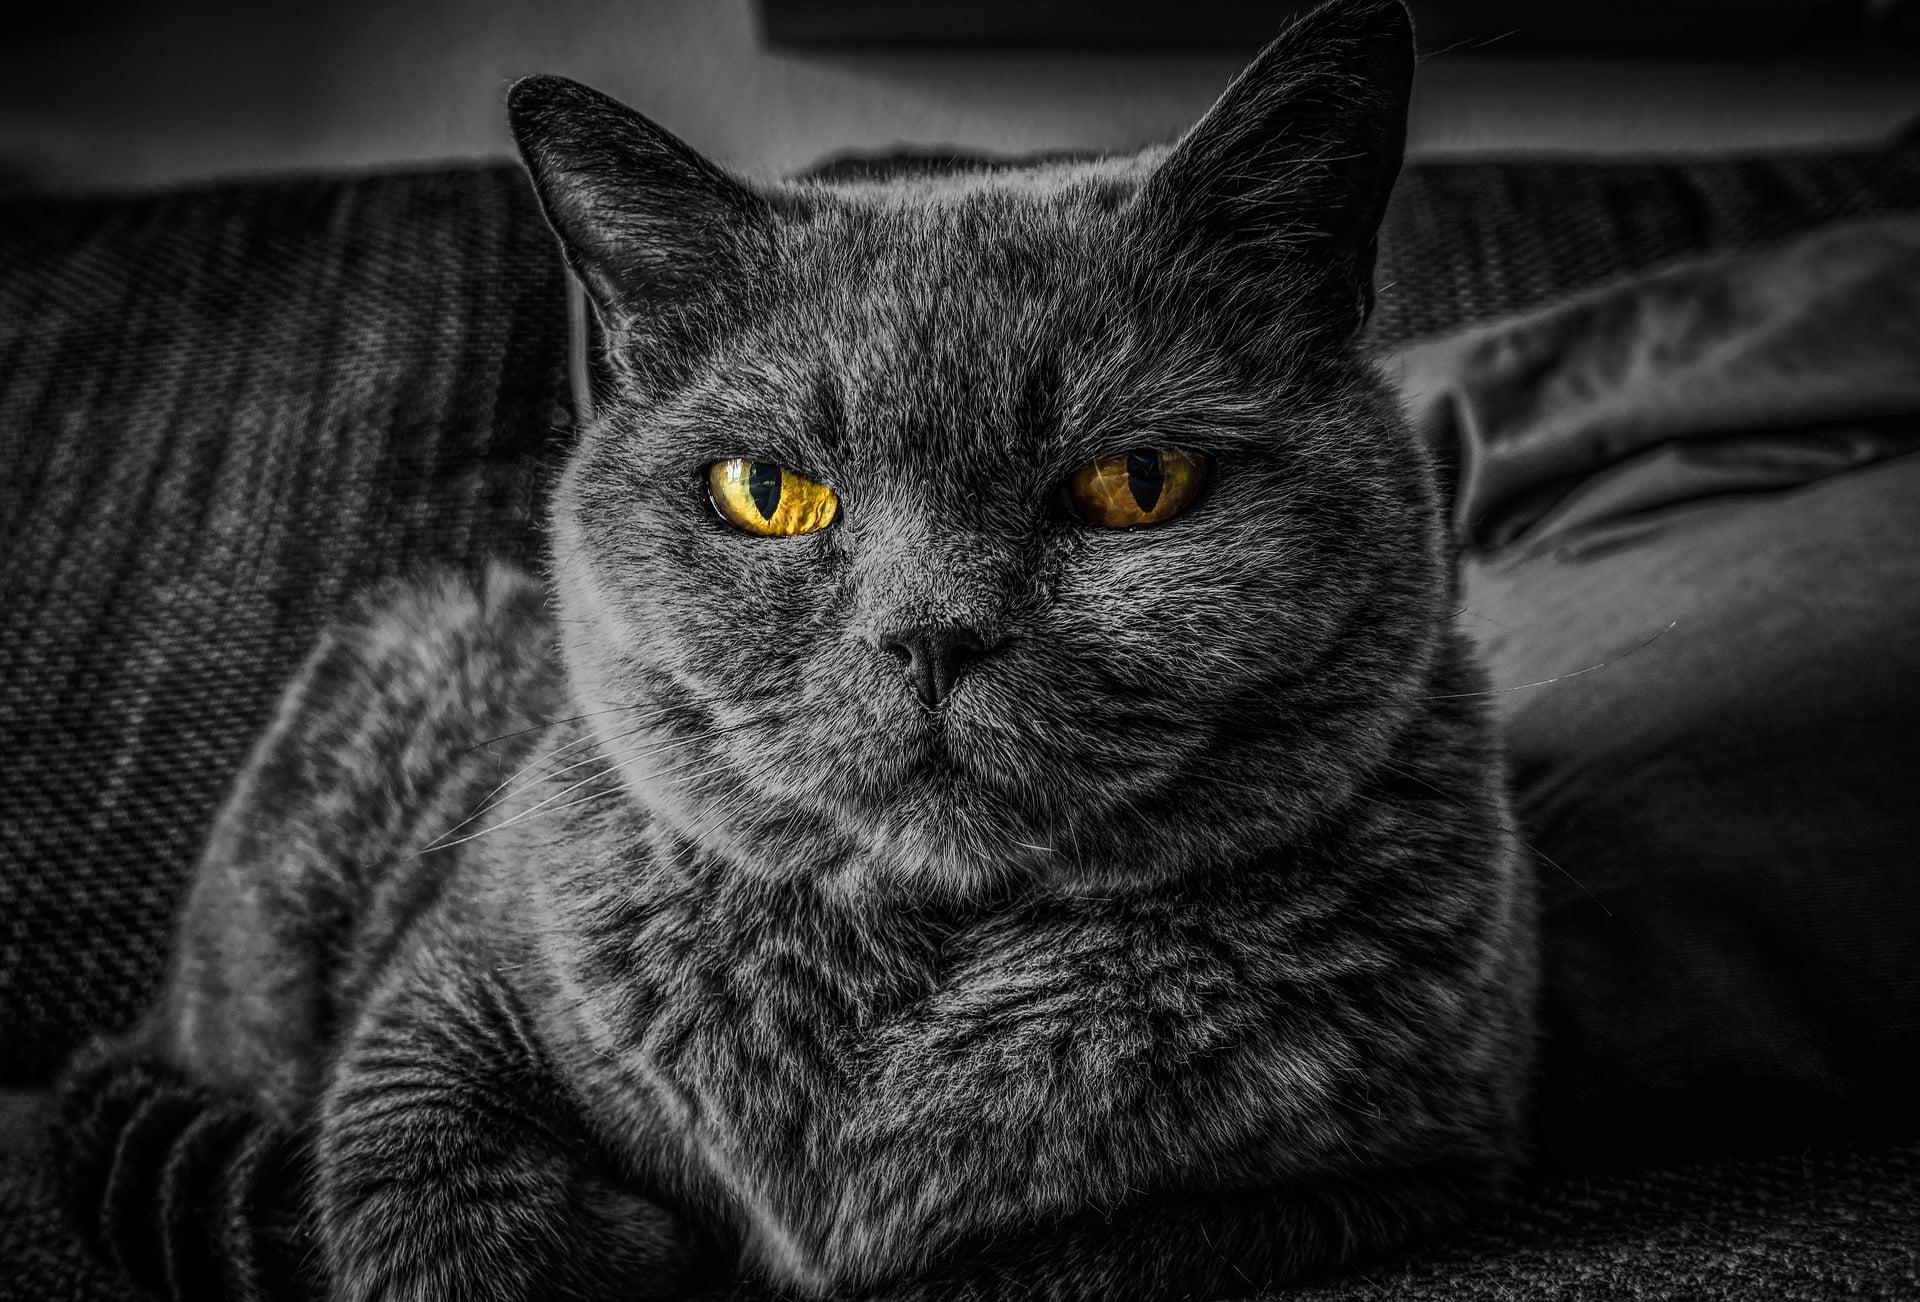 Försäkra vuxen katt eller äldre katt utan tidigare kattförsäkring